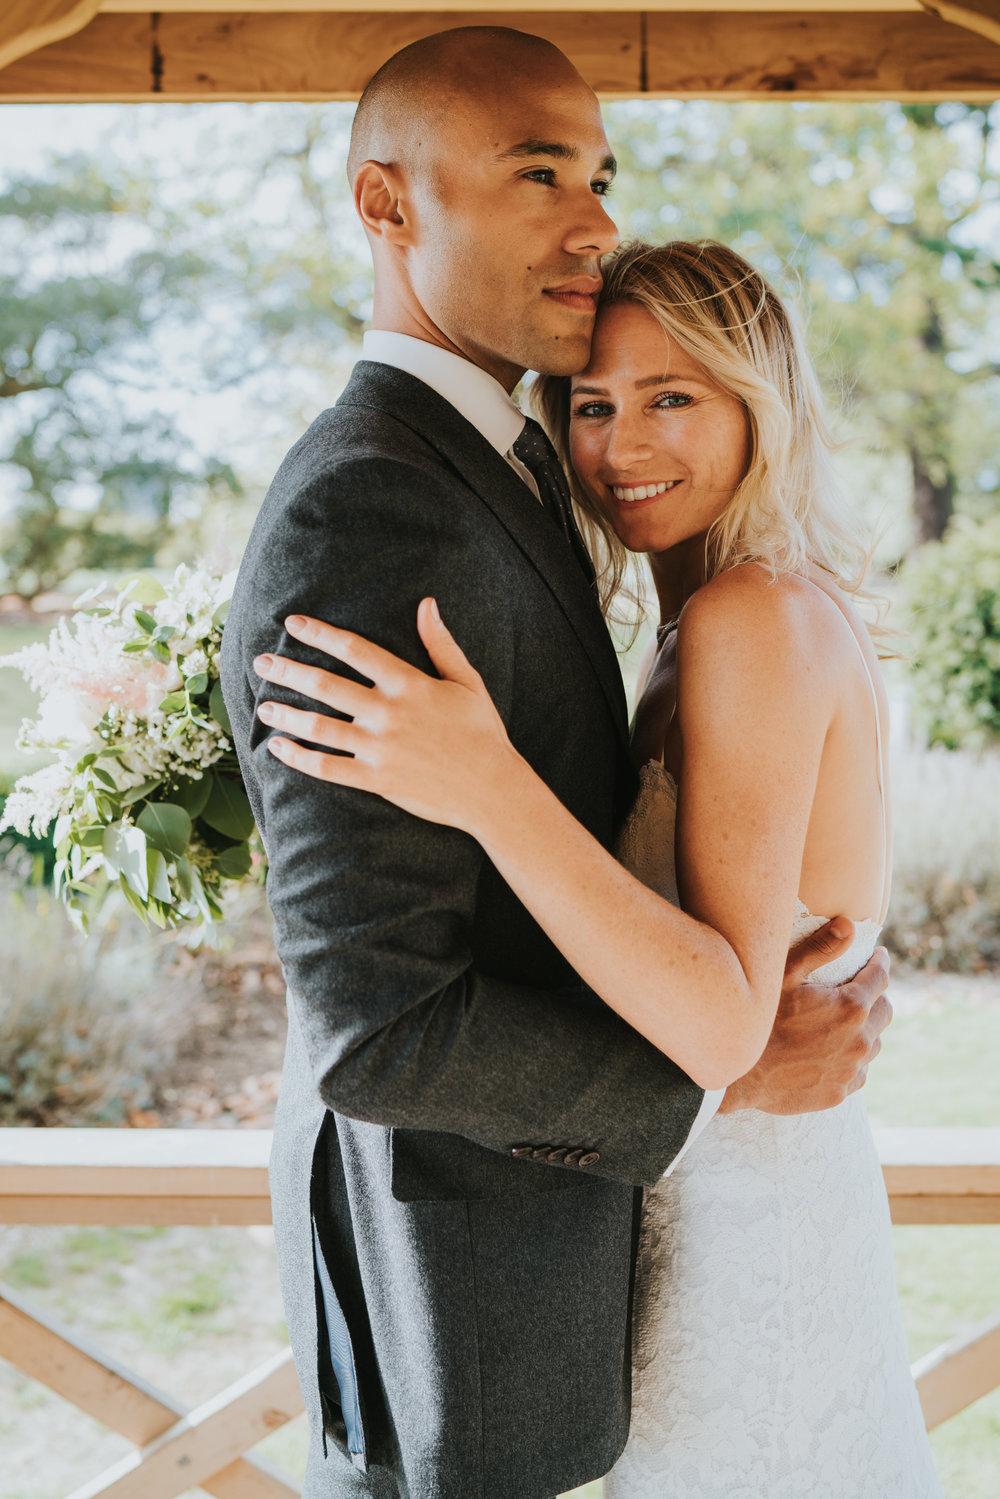 intimate-english-church-wedding-sarah-alex-colchester-essex-grace-elizabeth-colchester-essex-alternative-wedding-lifestyle-photographer-essex-suffolk-norfolk-devon (20 of 92).jpg